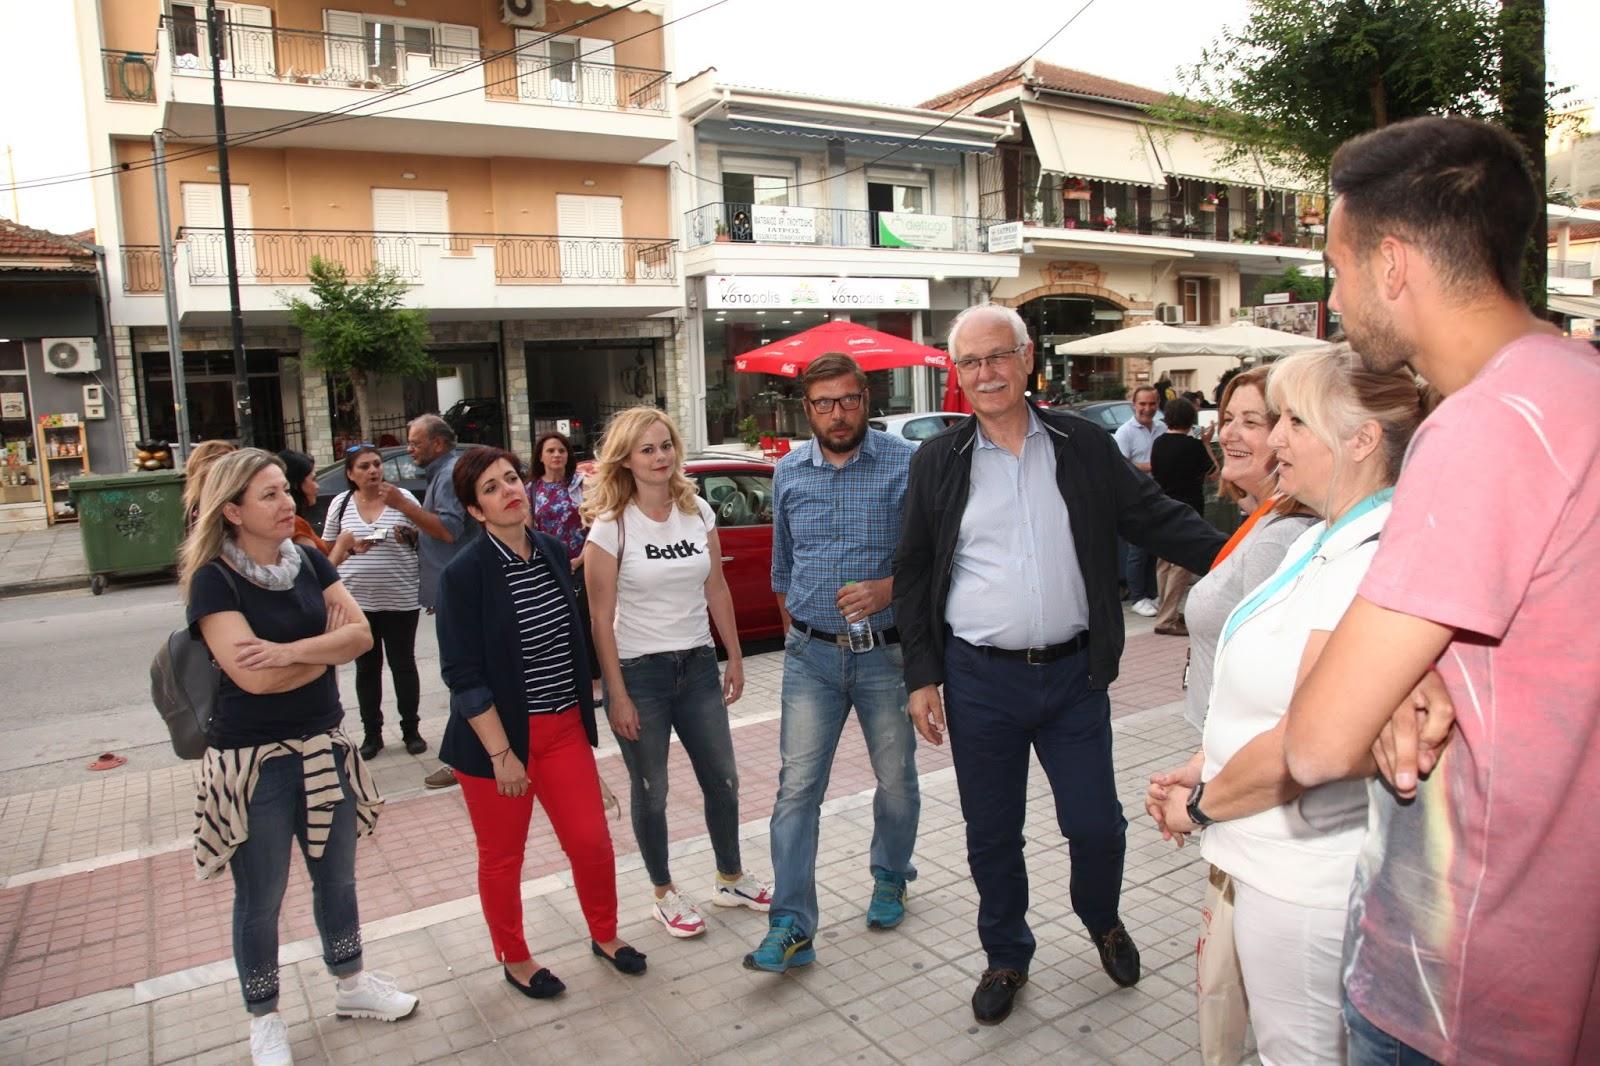 Επίσκεψη δημάρχου και υποψηφίων της Συμπαράταξης Λαρισαίων στην Φιλιππούπολη